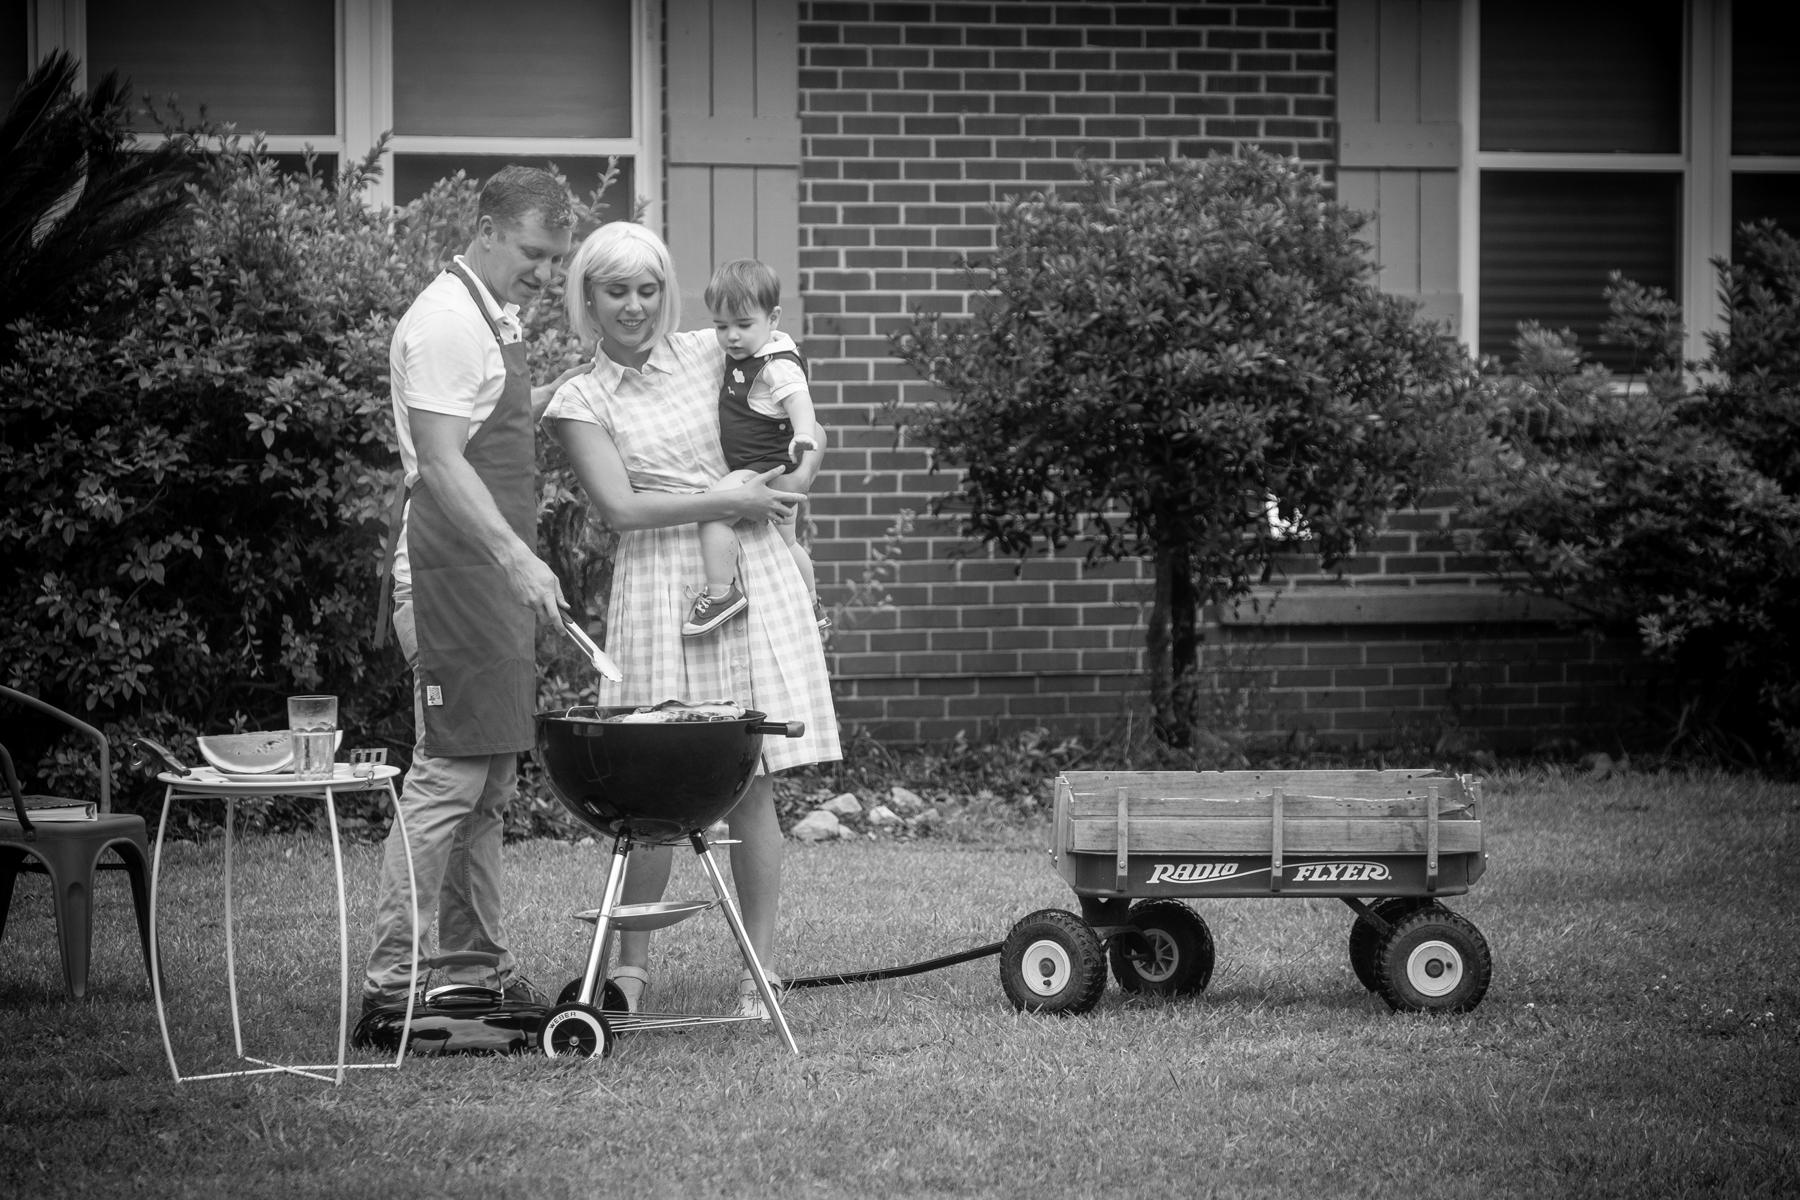 evolution-grilling-1950s-web.jpg